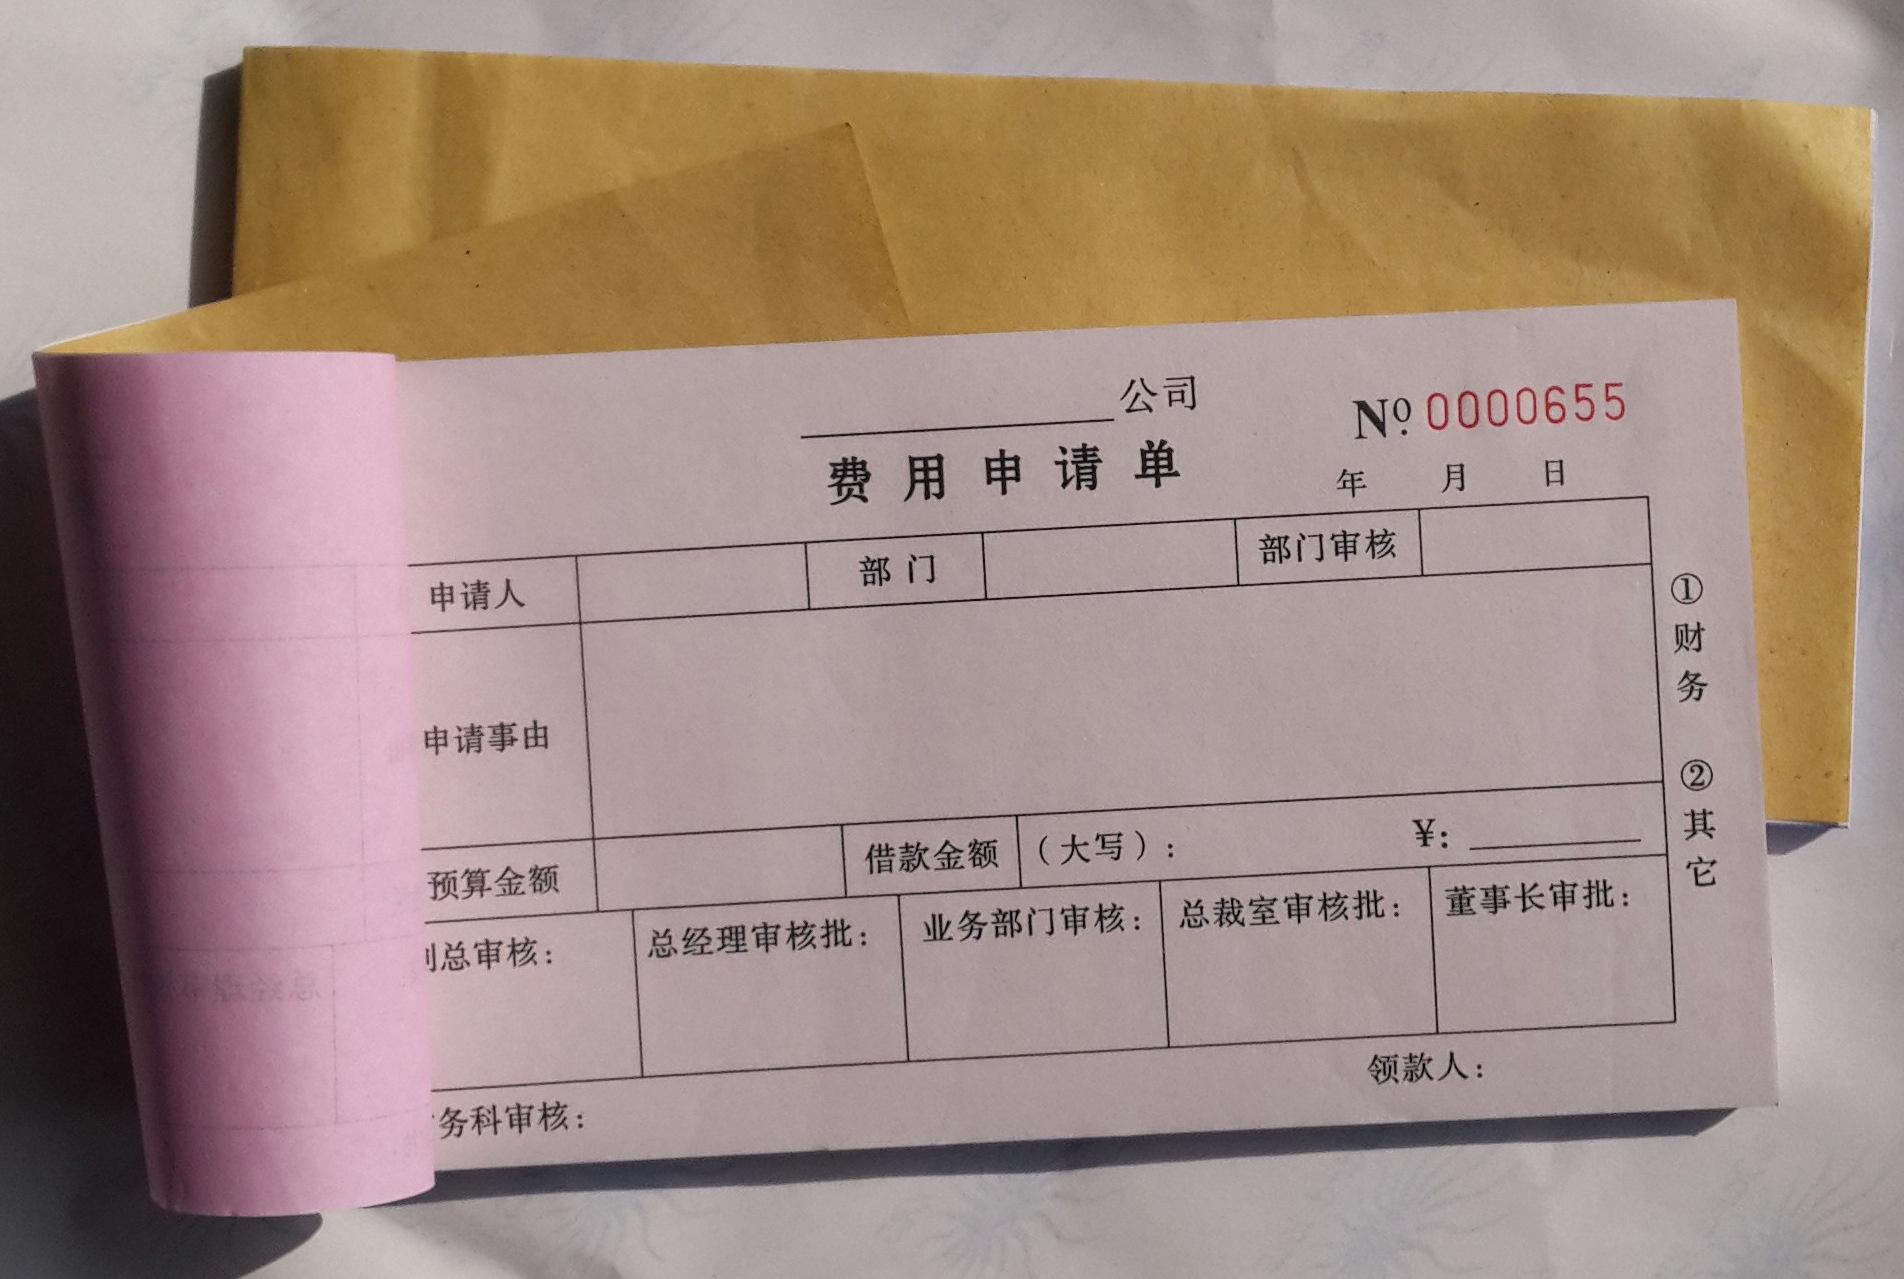 洛阳无碳复写纸 送货单四联单入库单维修单印刷 无碳表格单据表格便条纸